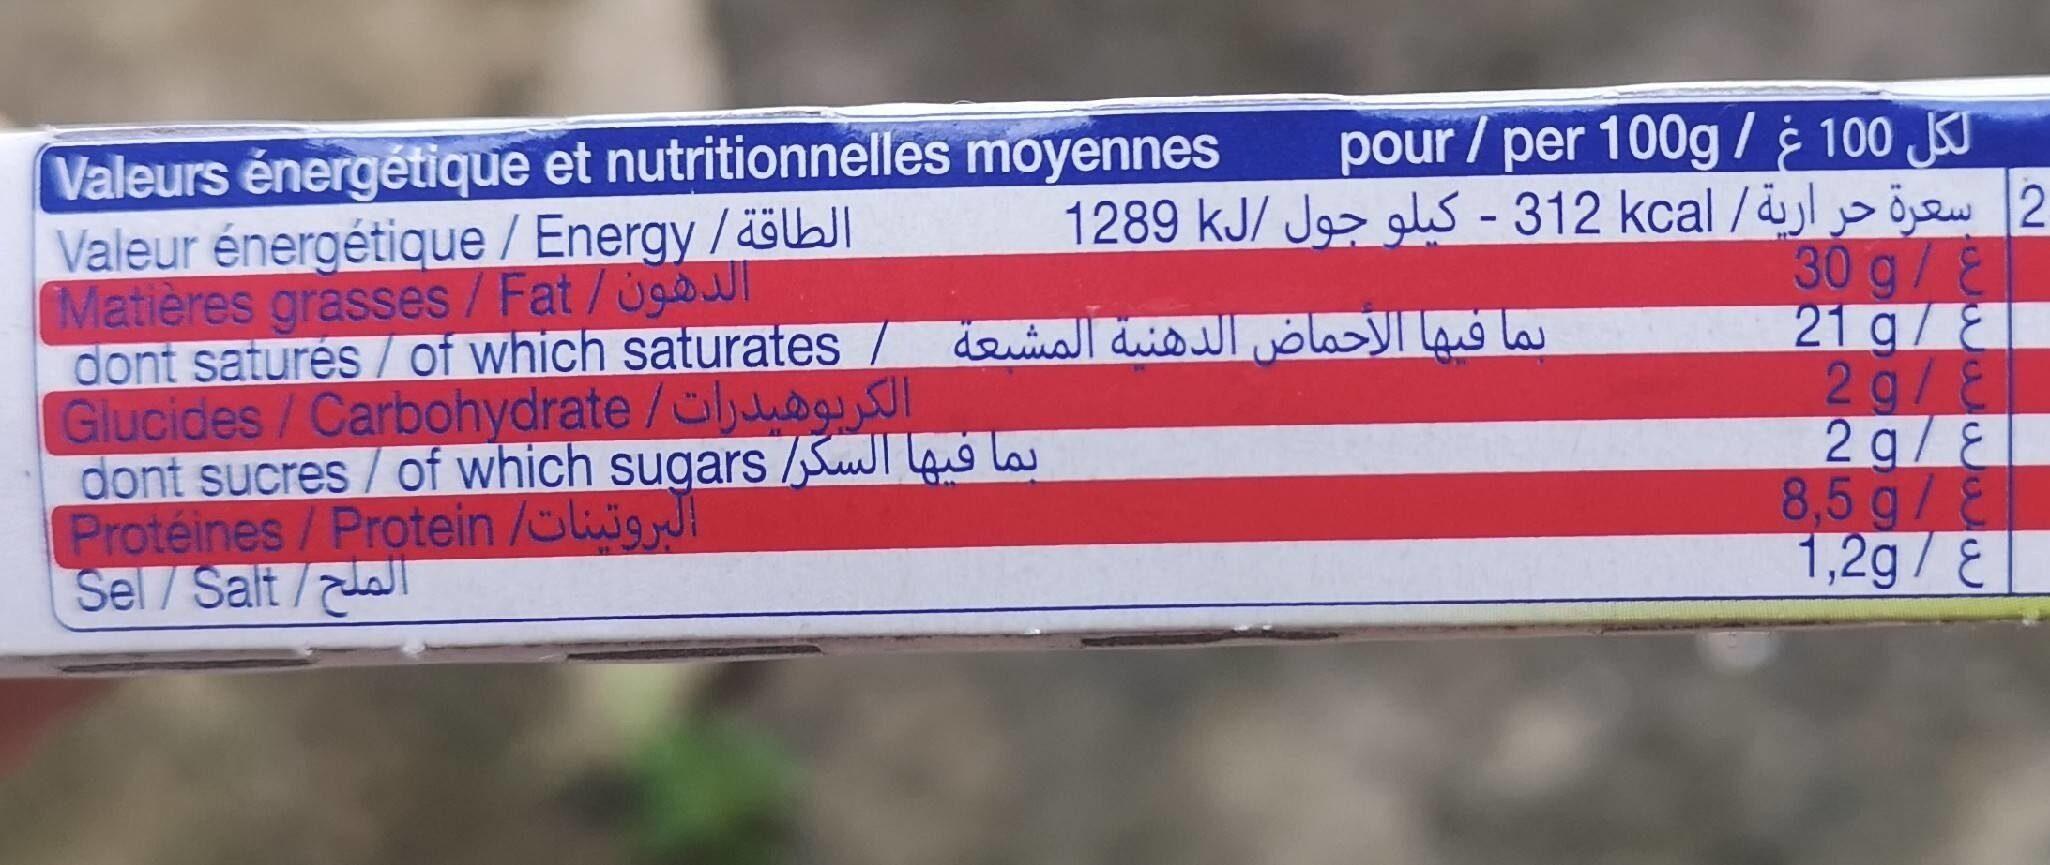 Carré à la Crème - Nutrition facts - fr